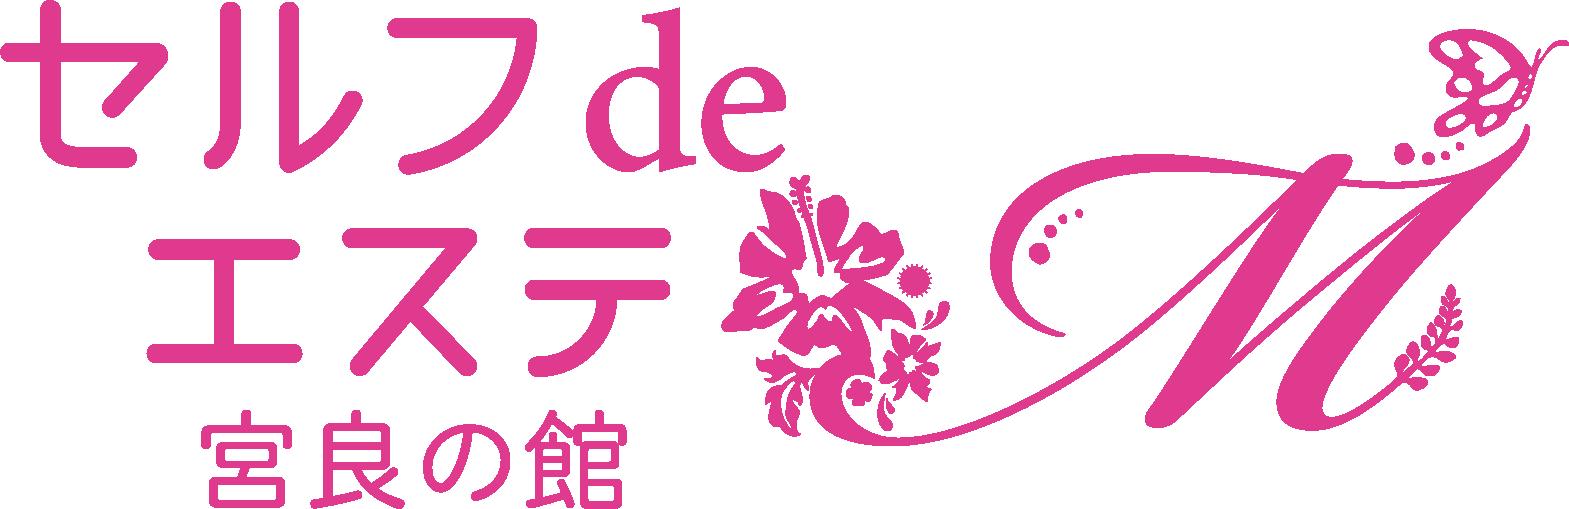 沖縄・那覇のセルフエステ(脱毛・痩身・バストアップ)【公式】セルフdeエステ 宮良の館